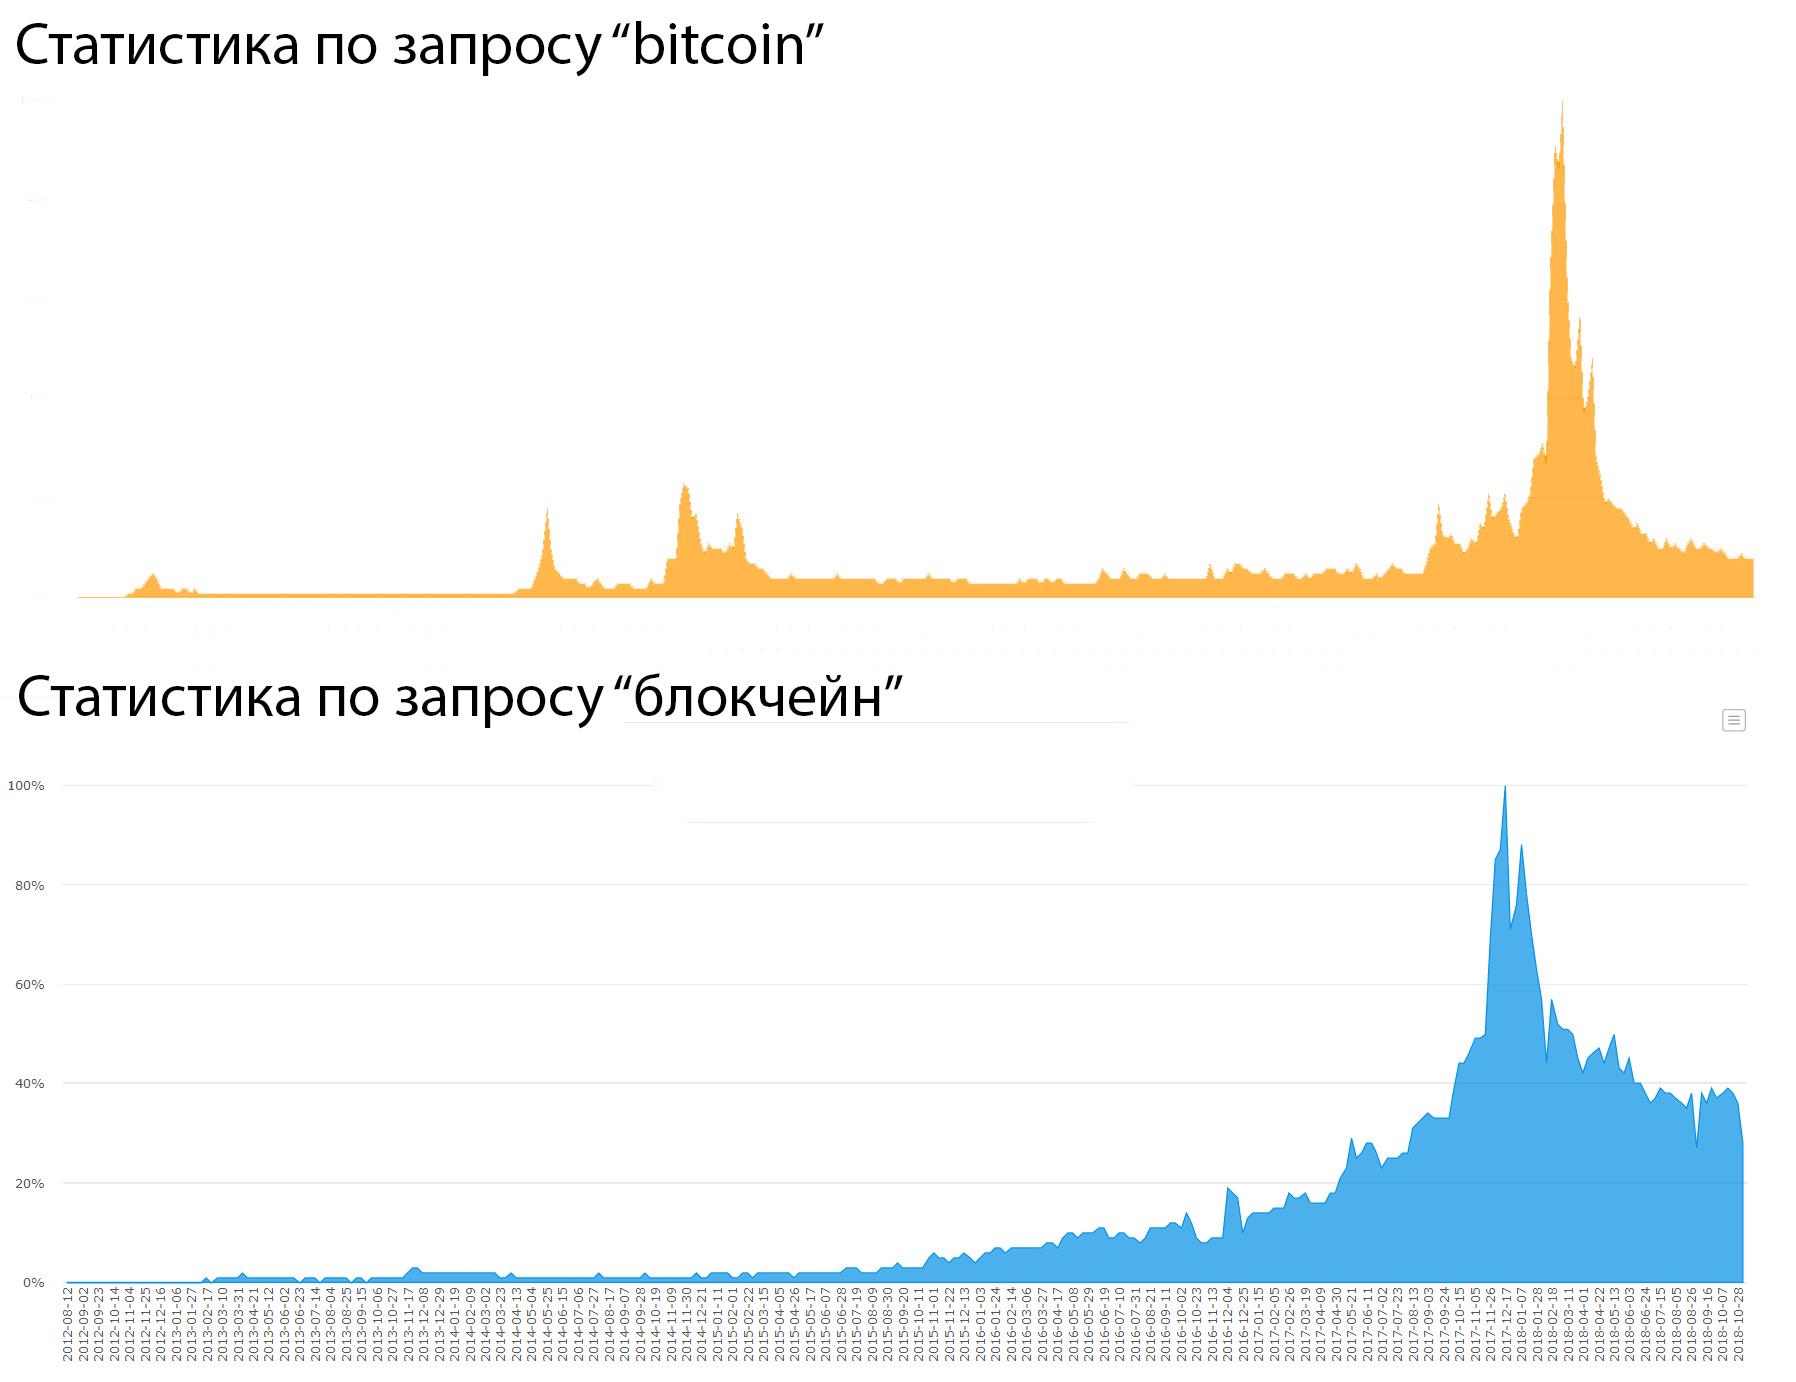 Популярность поисковых запросов bitcoin и блокчейн